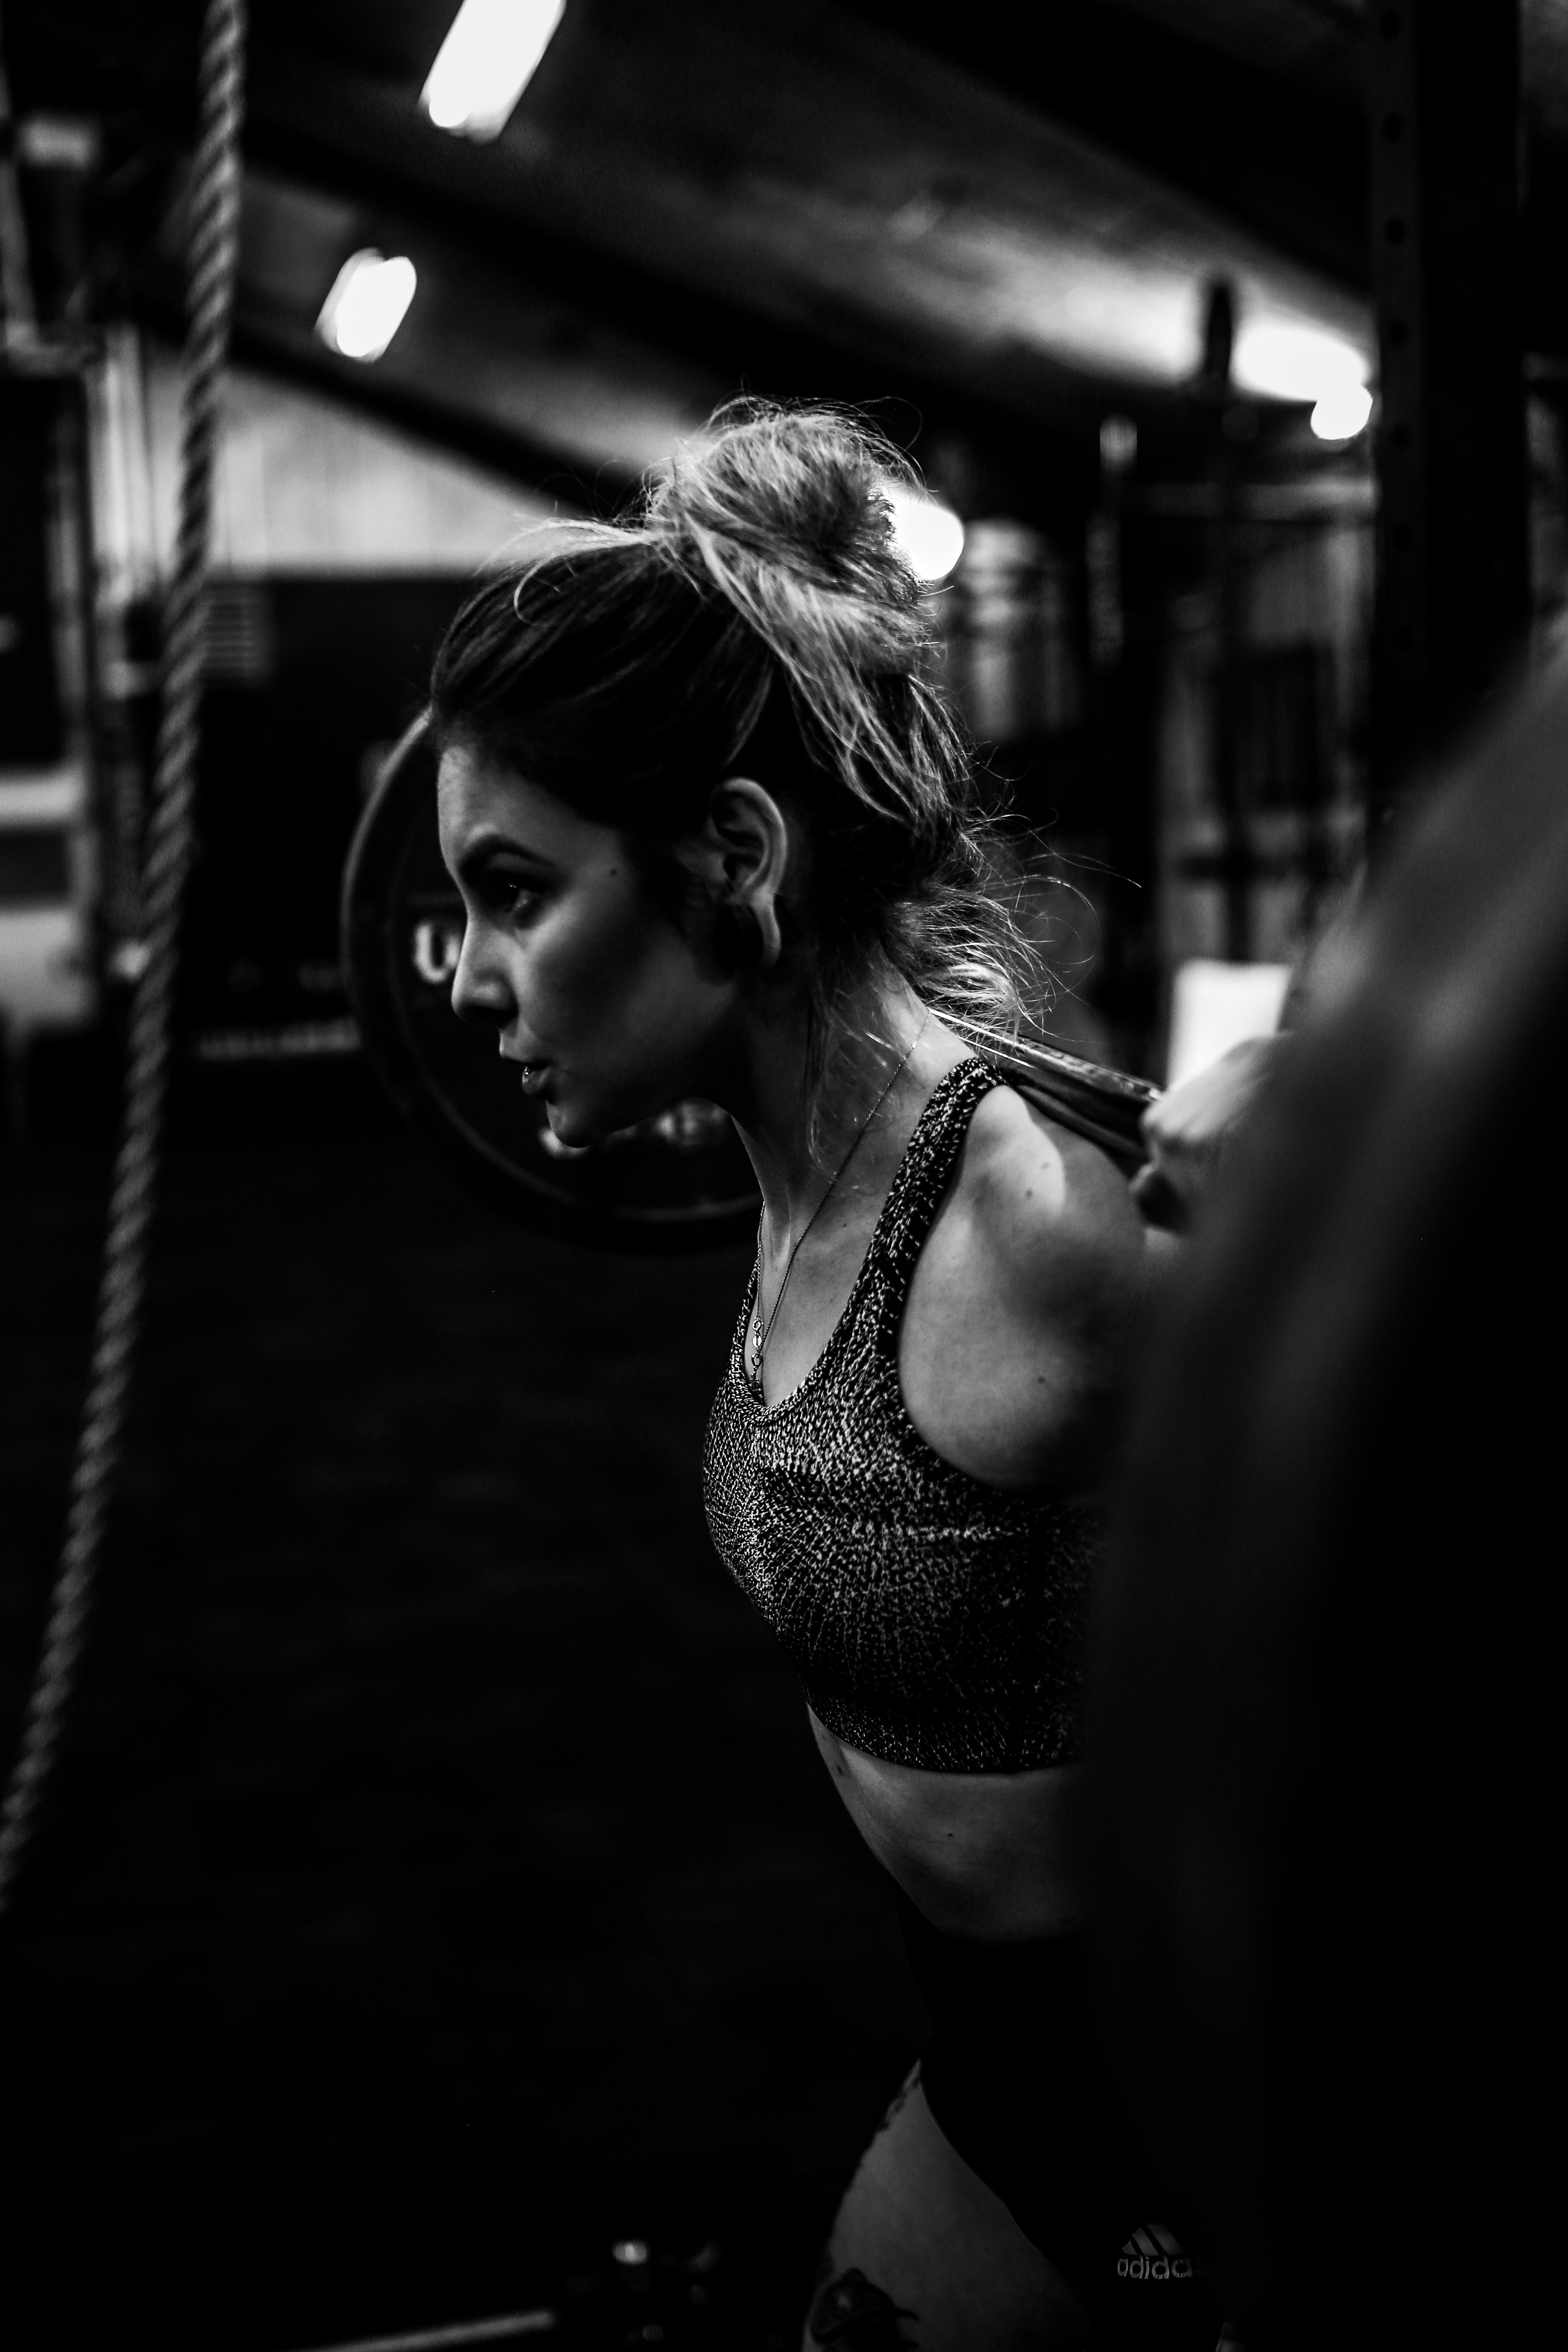 Inlägget handlar om idrottspsykologi och vi tar upp två exempel på idrottande kvinnor. I ett exempel skriver vi om ett case med en ishockeyspelare som bland annat tränar hårt på gymmet. Därför är det passande med en bild på en kvinna som tränar på gymmet.